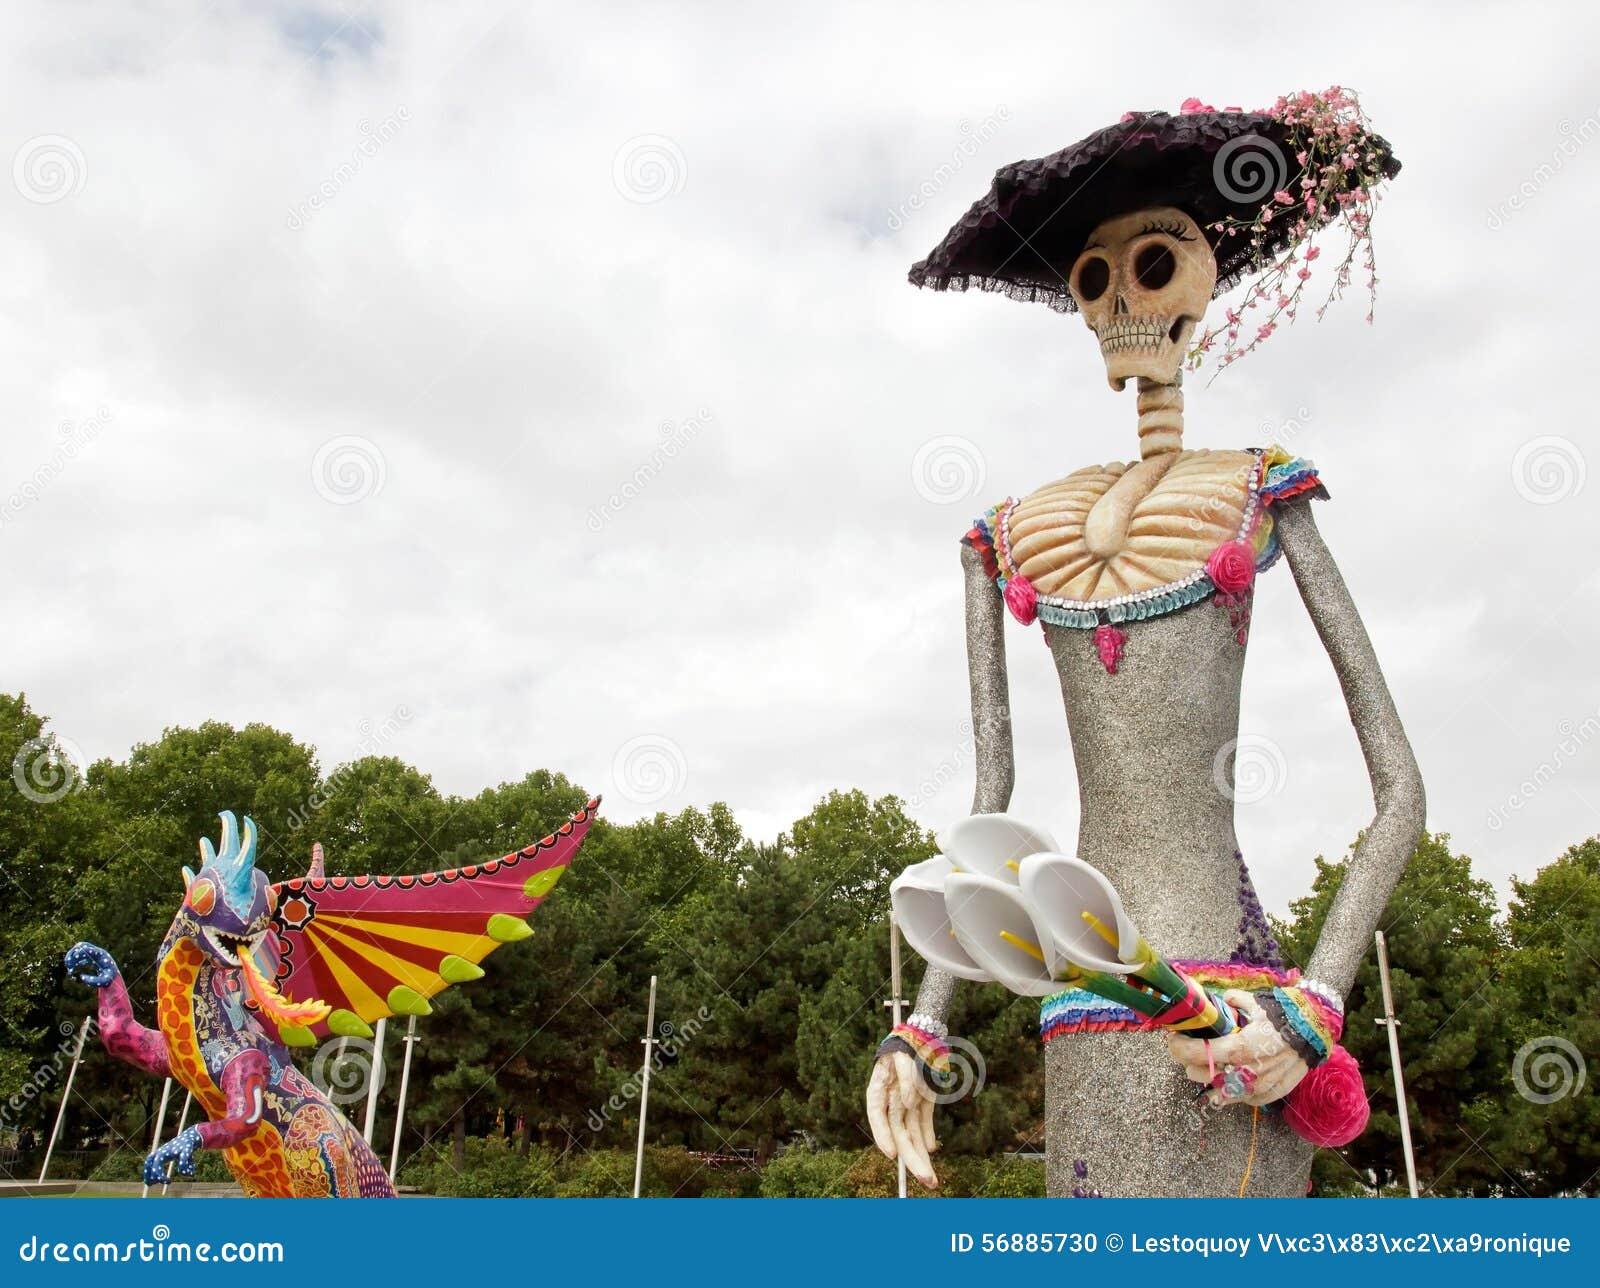 Mostra e visita virtuale sul Messico Parigi, il Parc de la Villette (Francia) un Alebrije, il drago e Caterina